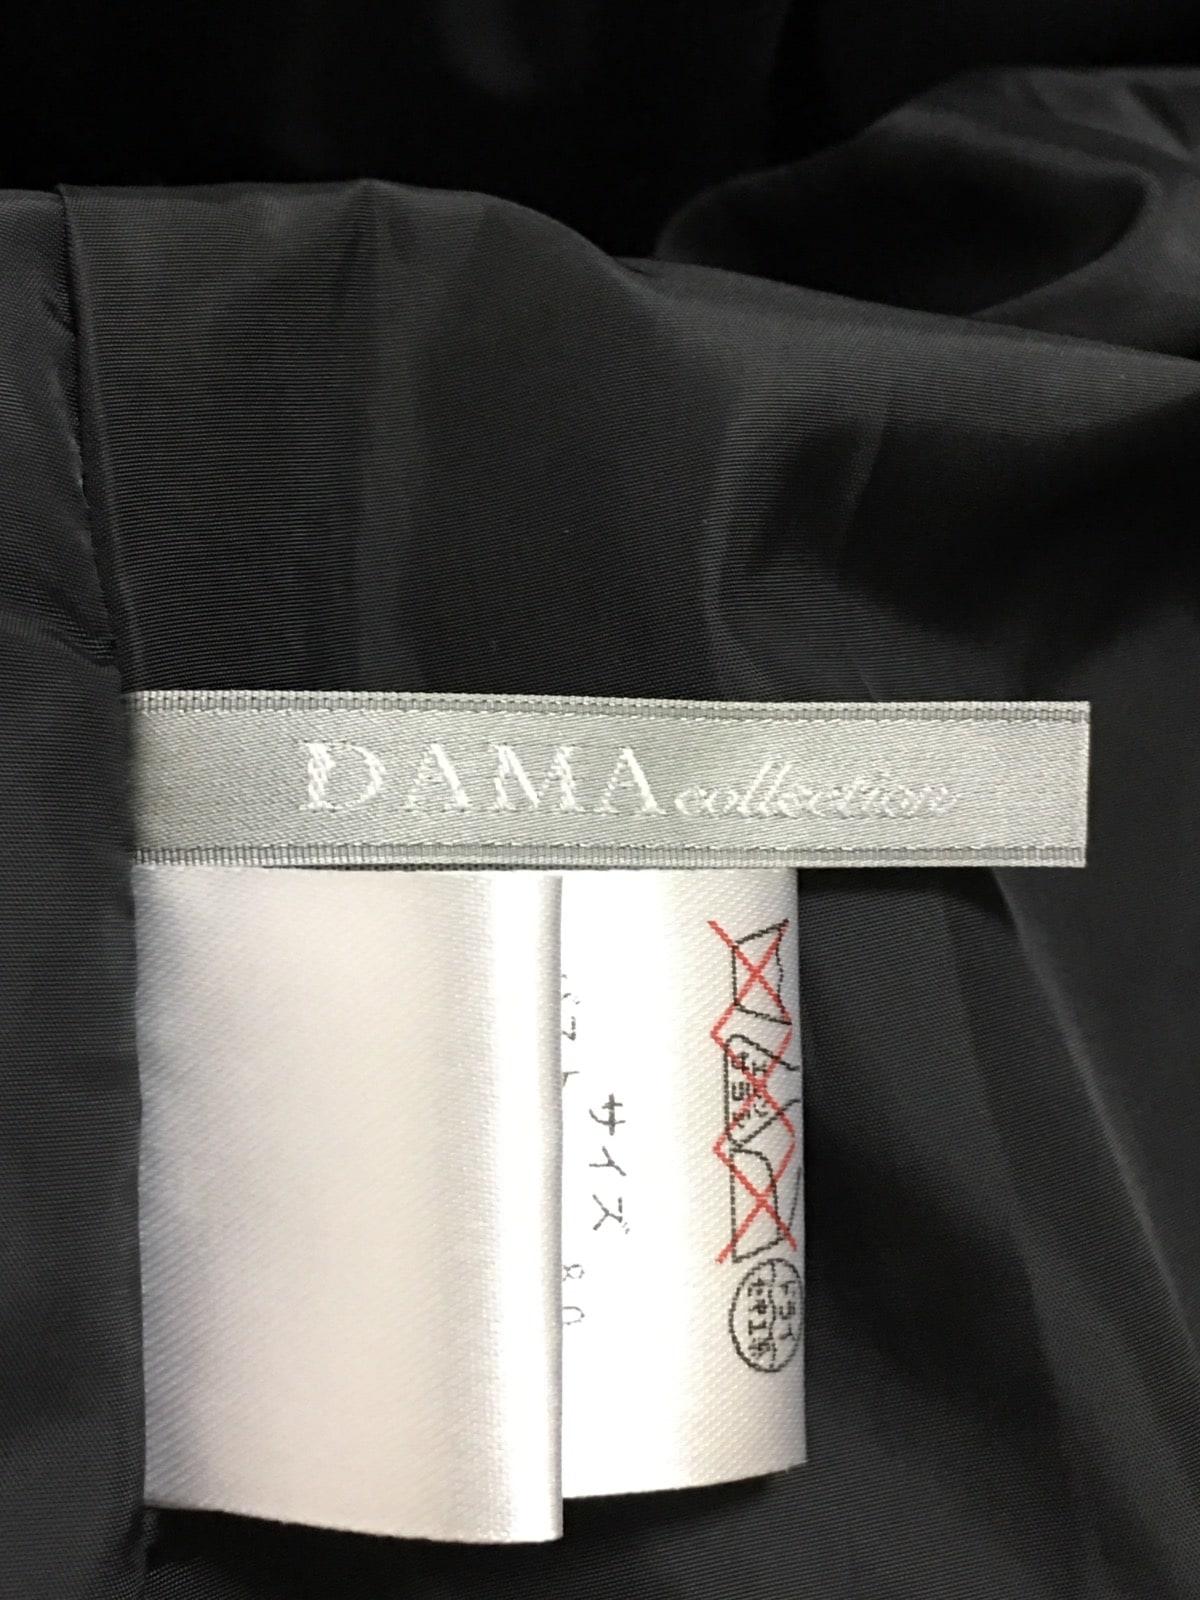 DAMAcollection(ダーマコレクション)のダウンコート